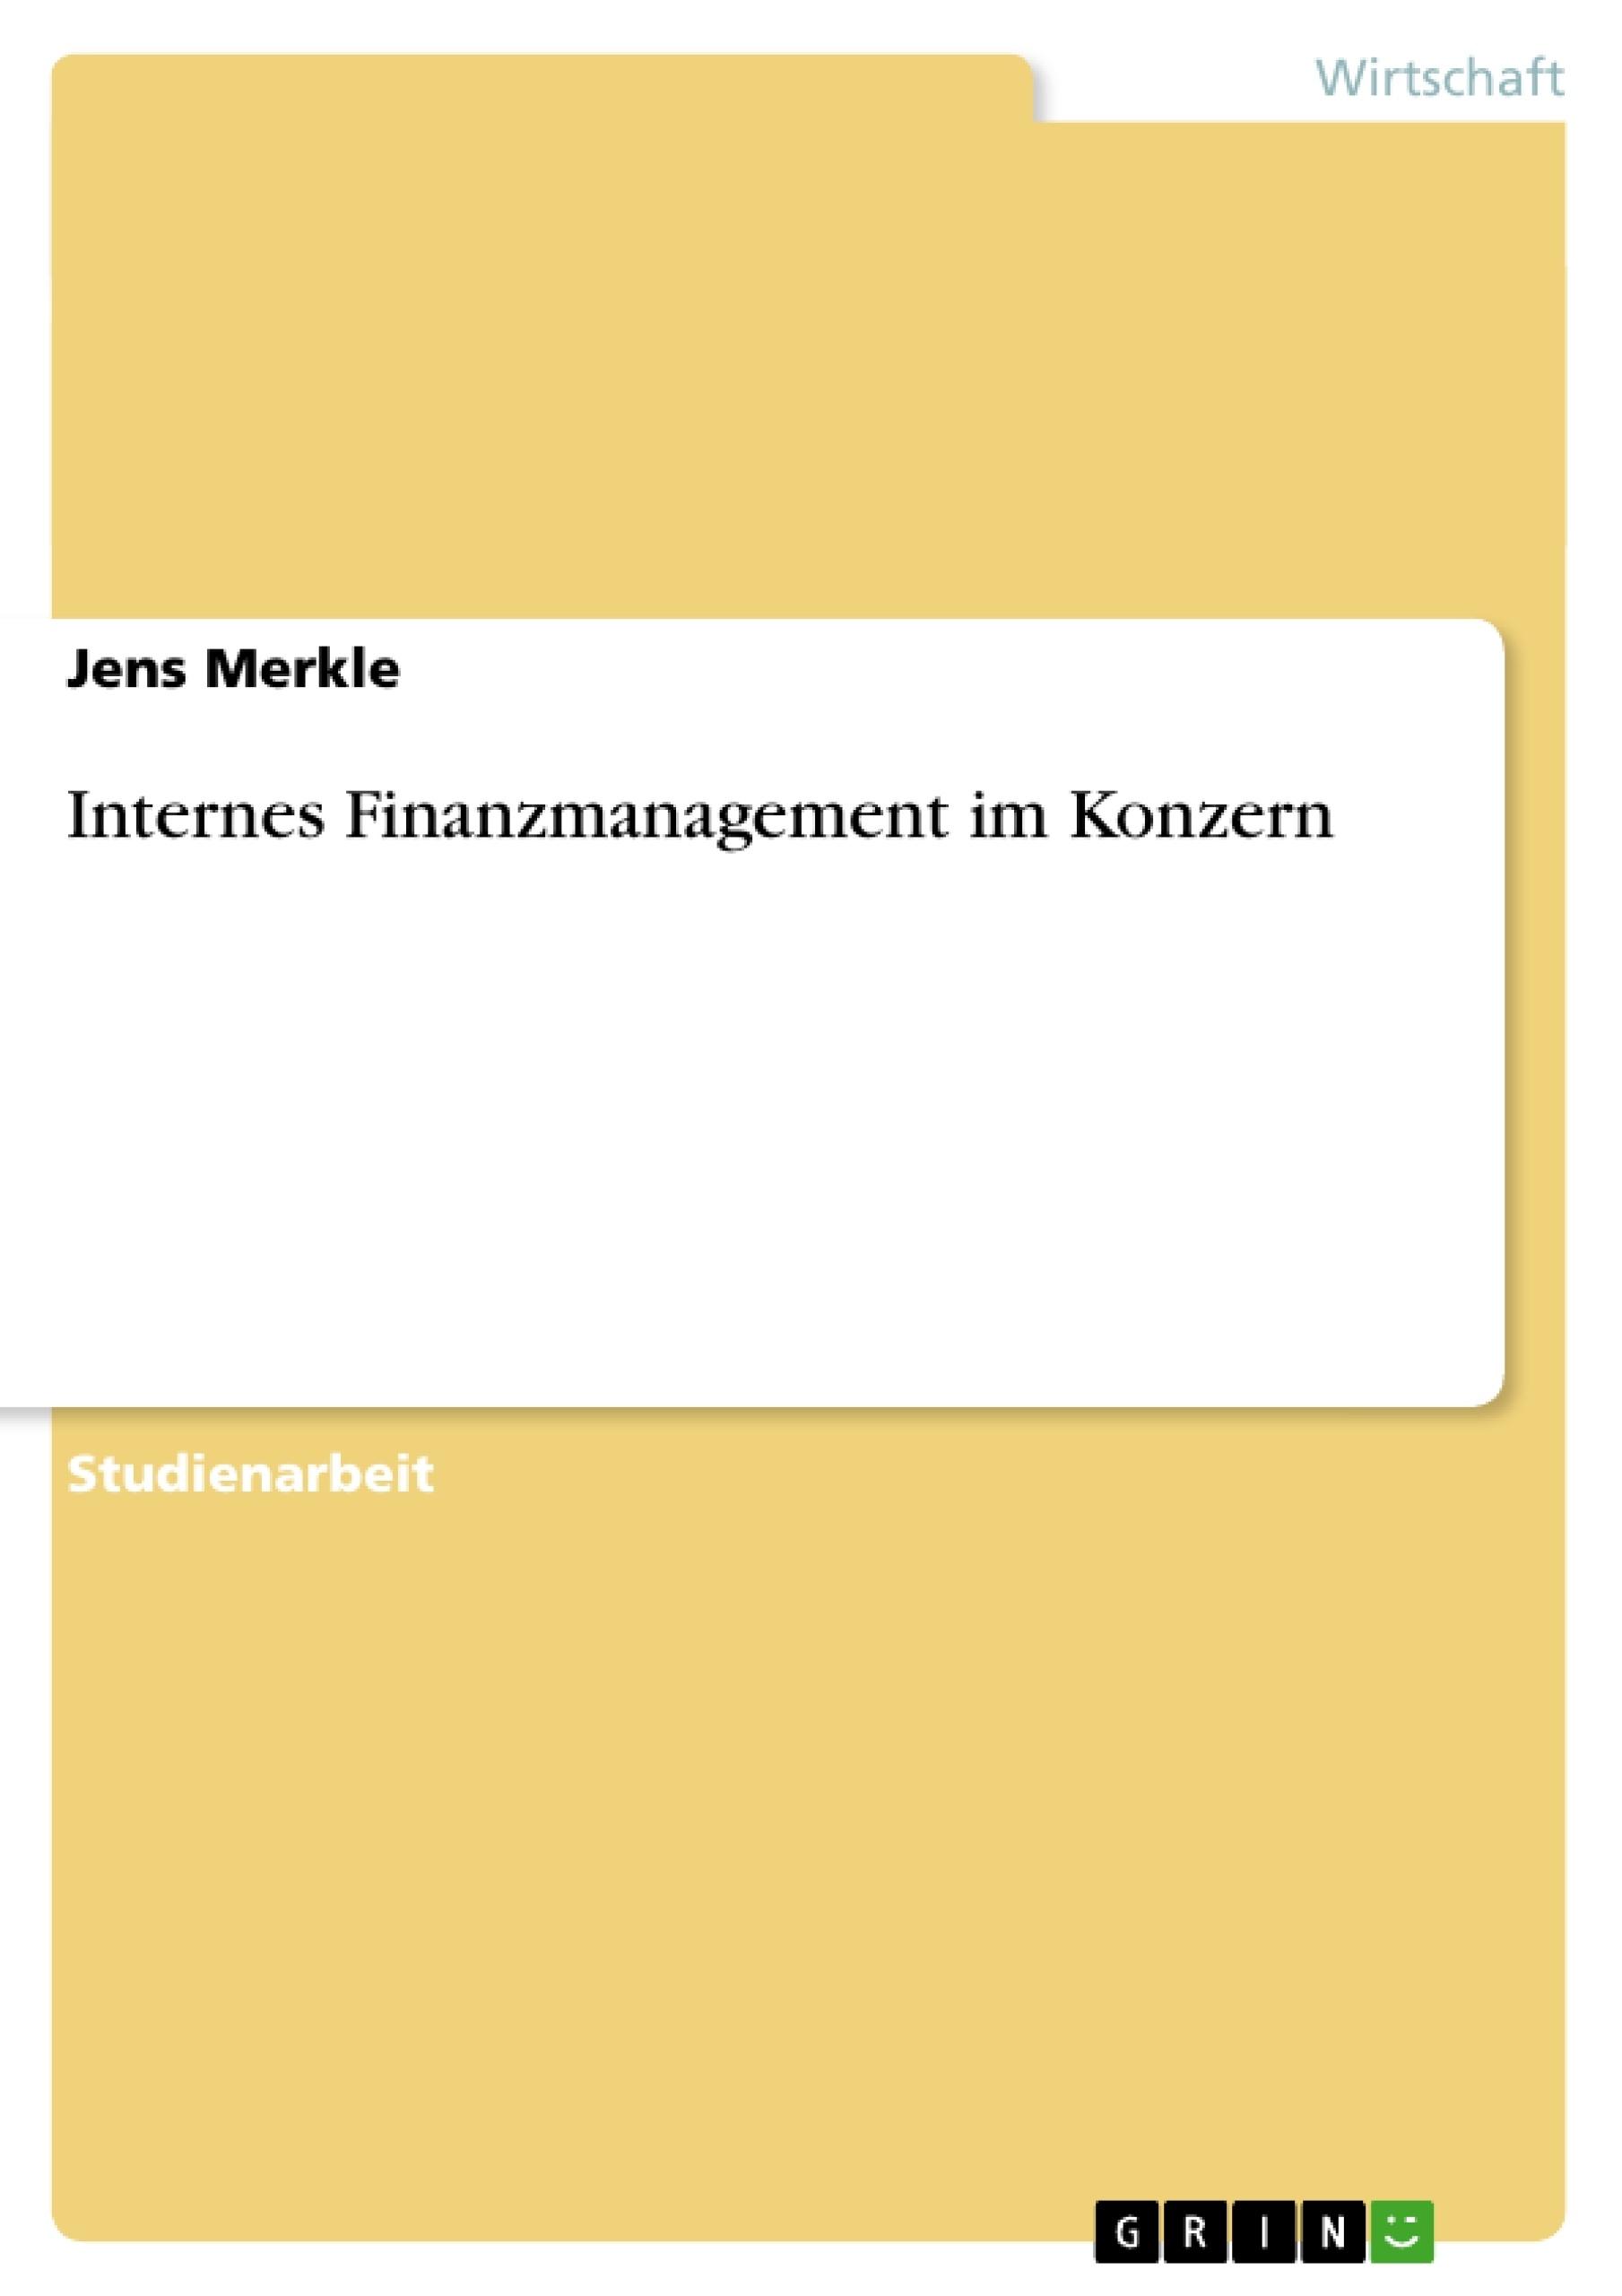 Titel: Internes Finanzmanagement im Konzern